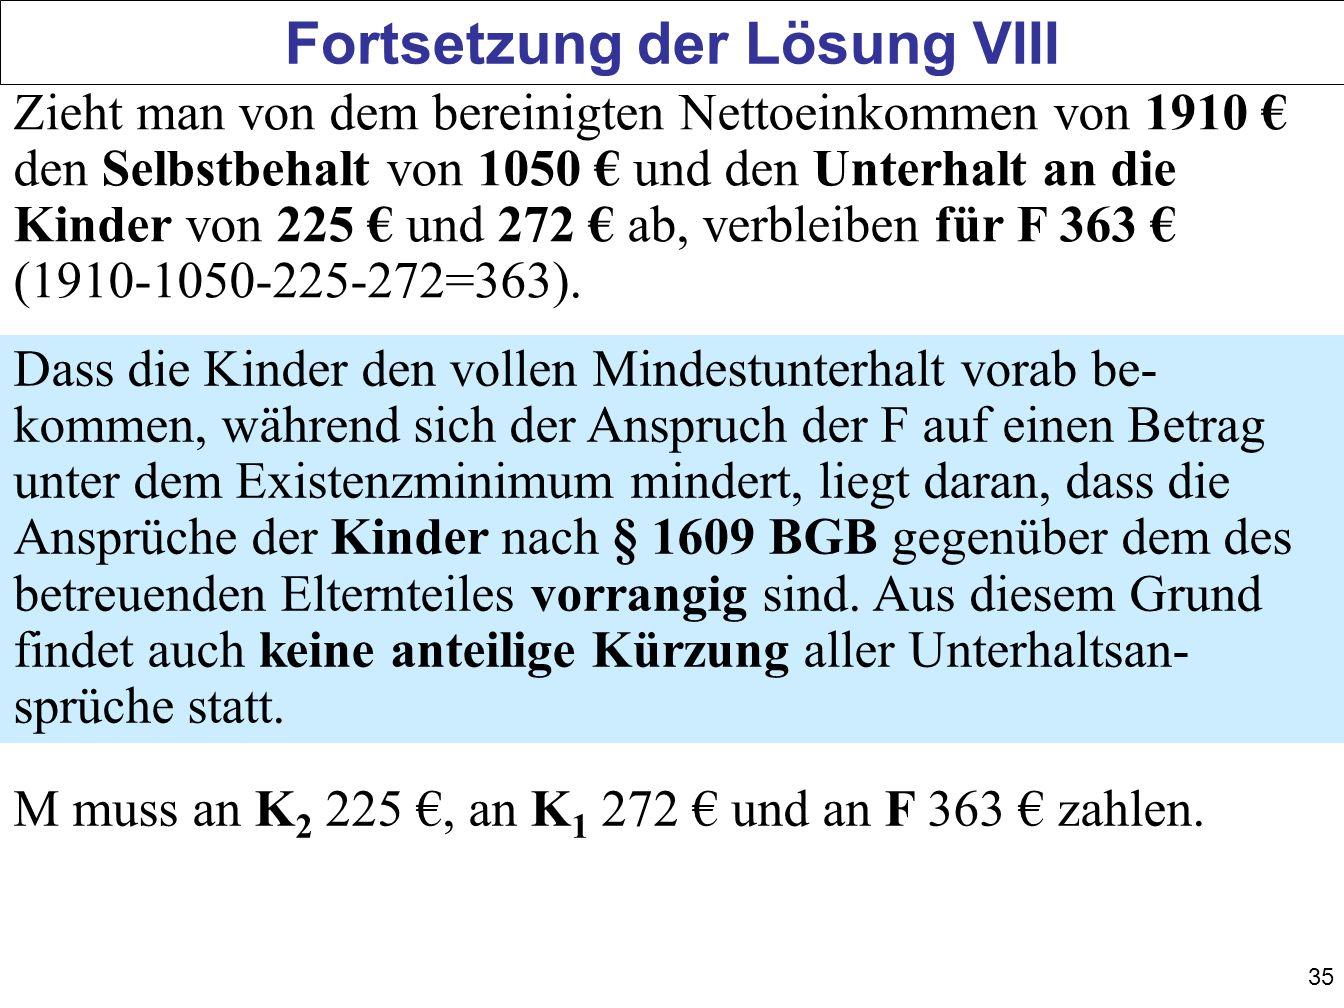 35 Fortsetzung der Lösung VIII Zieht man von dem bereinigten Nettoeinkommen von 1910 den Selbstbehalt von 1050 und den Unterhalt an die Kinder von 225